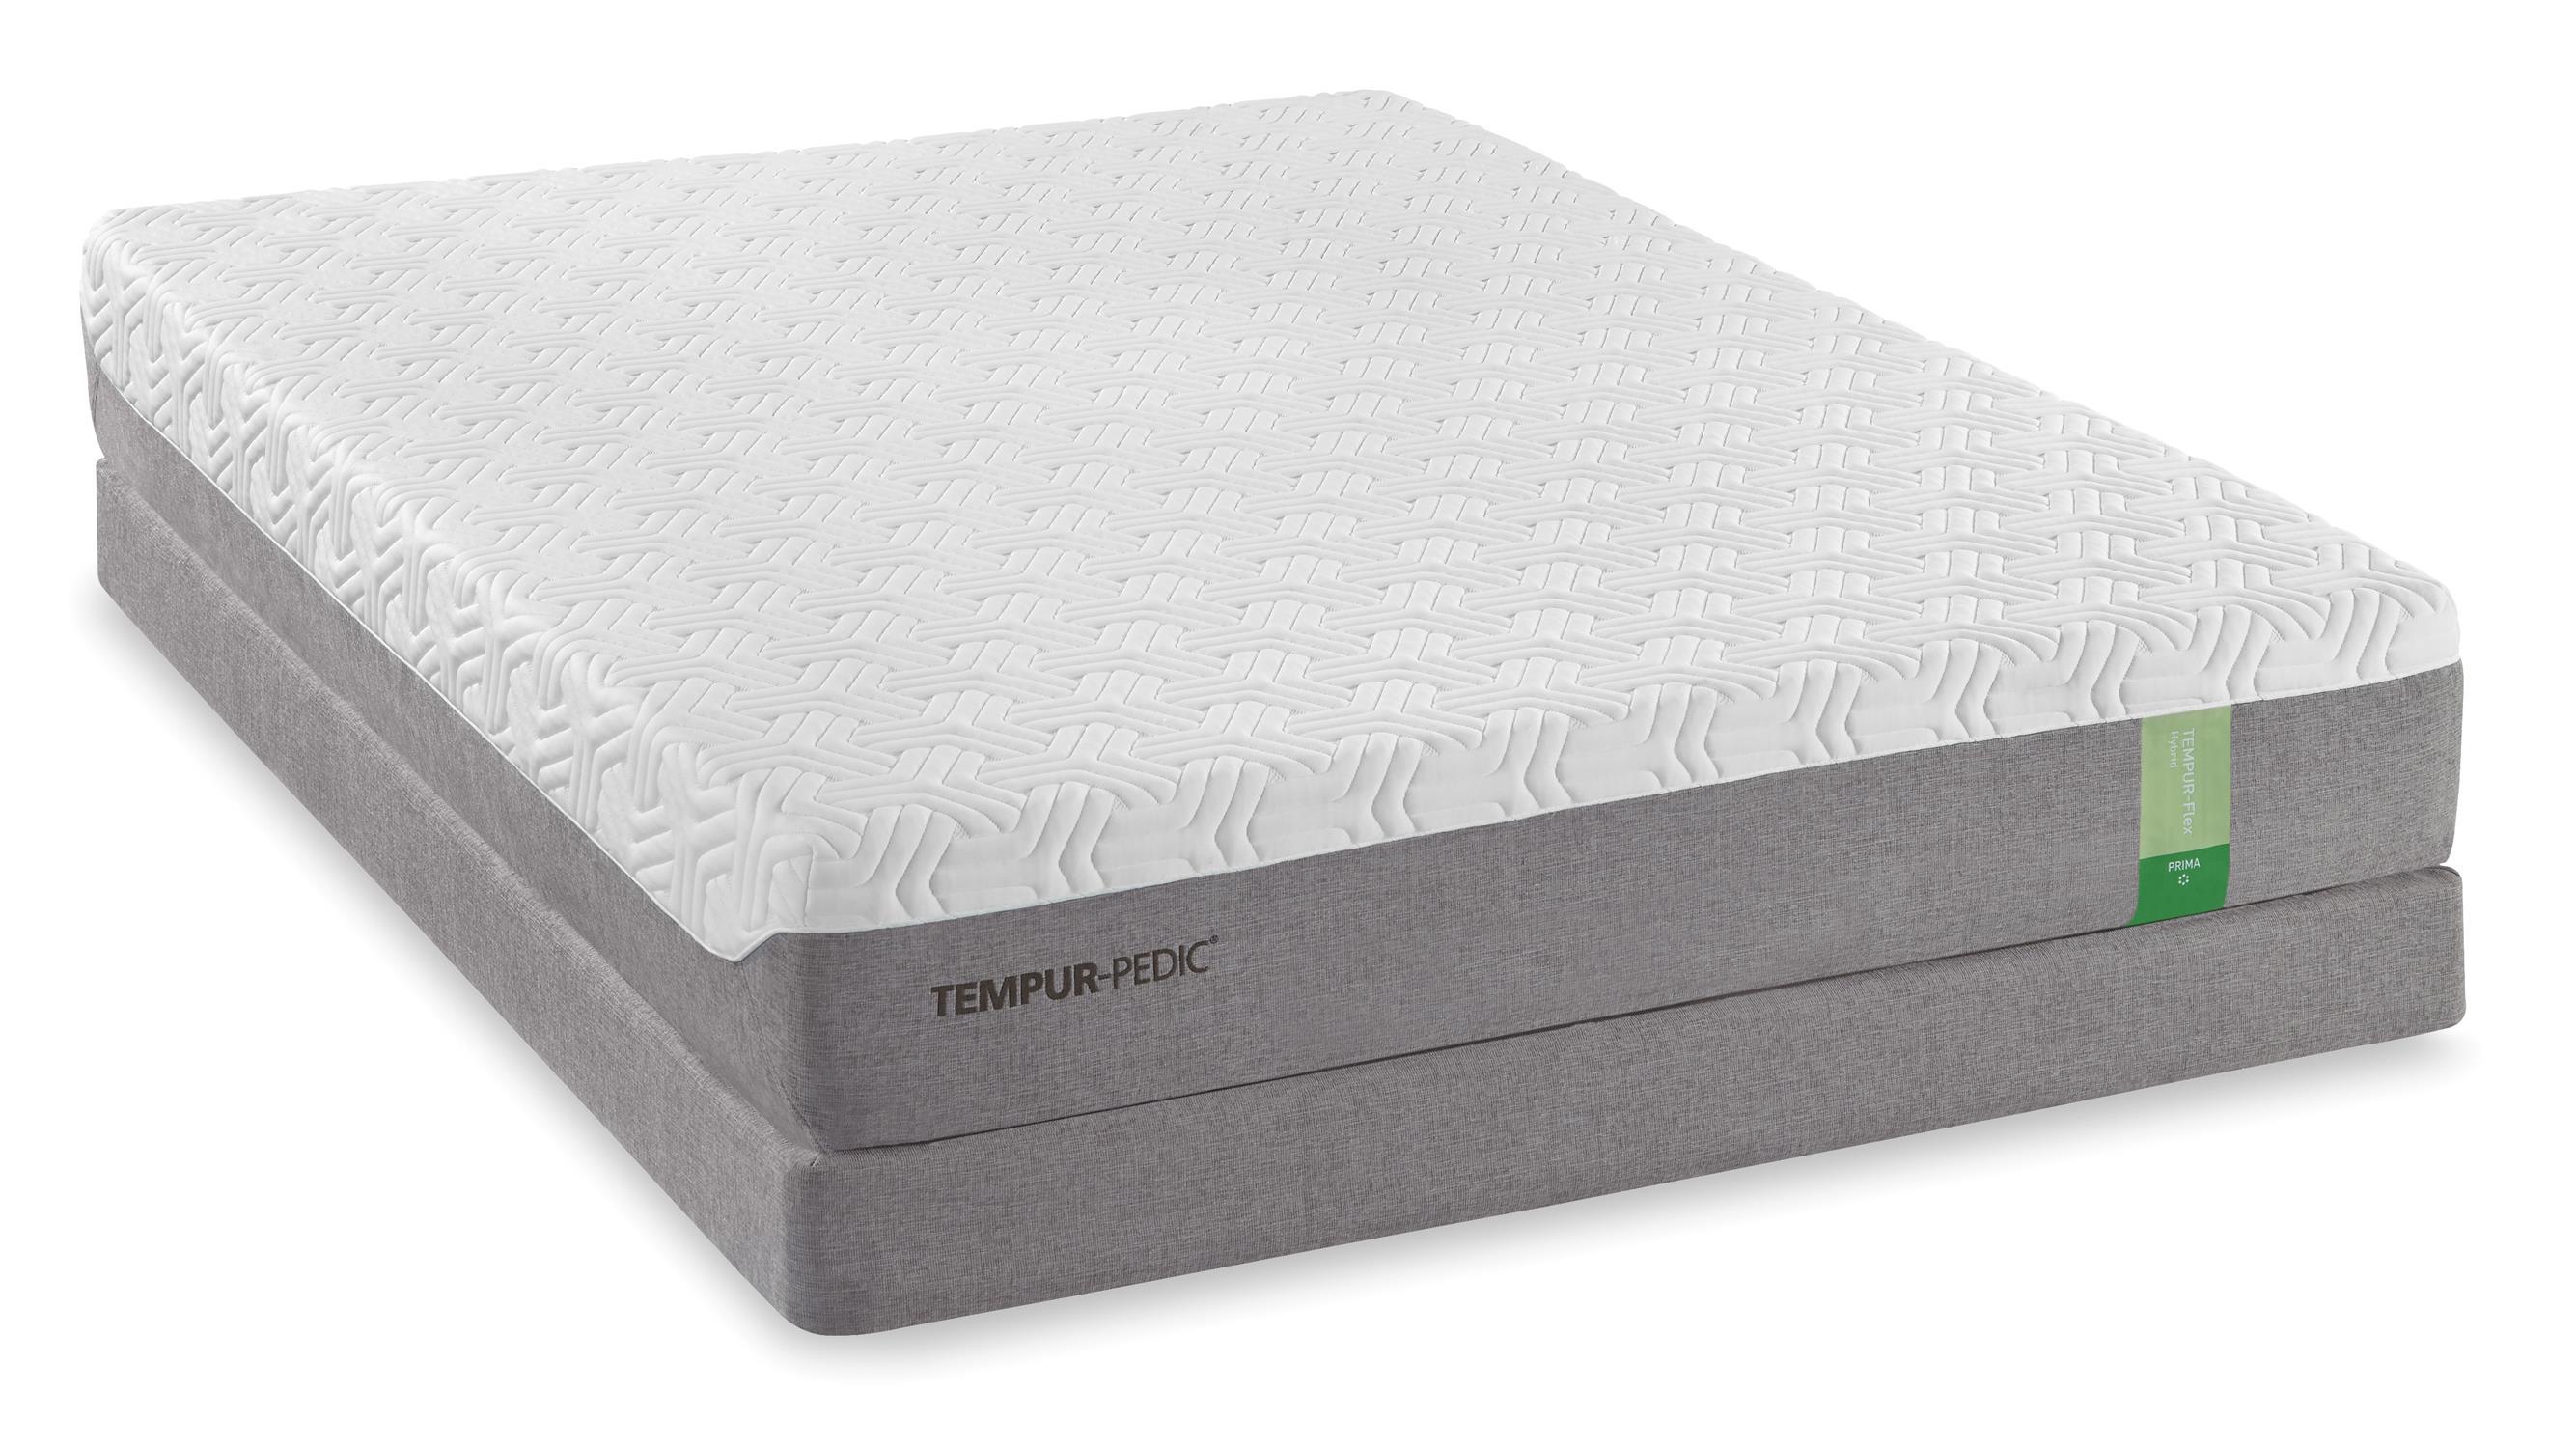 Tempur-Pedic® TEMPUR-Flex Prima Full Medium Firm Mattress Set - Item Number: 10115230+21510130